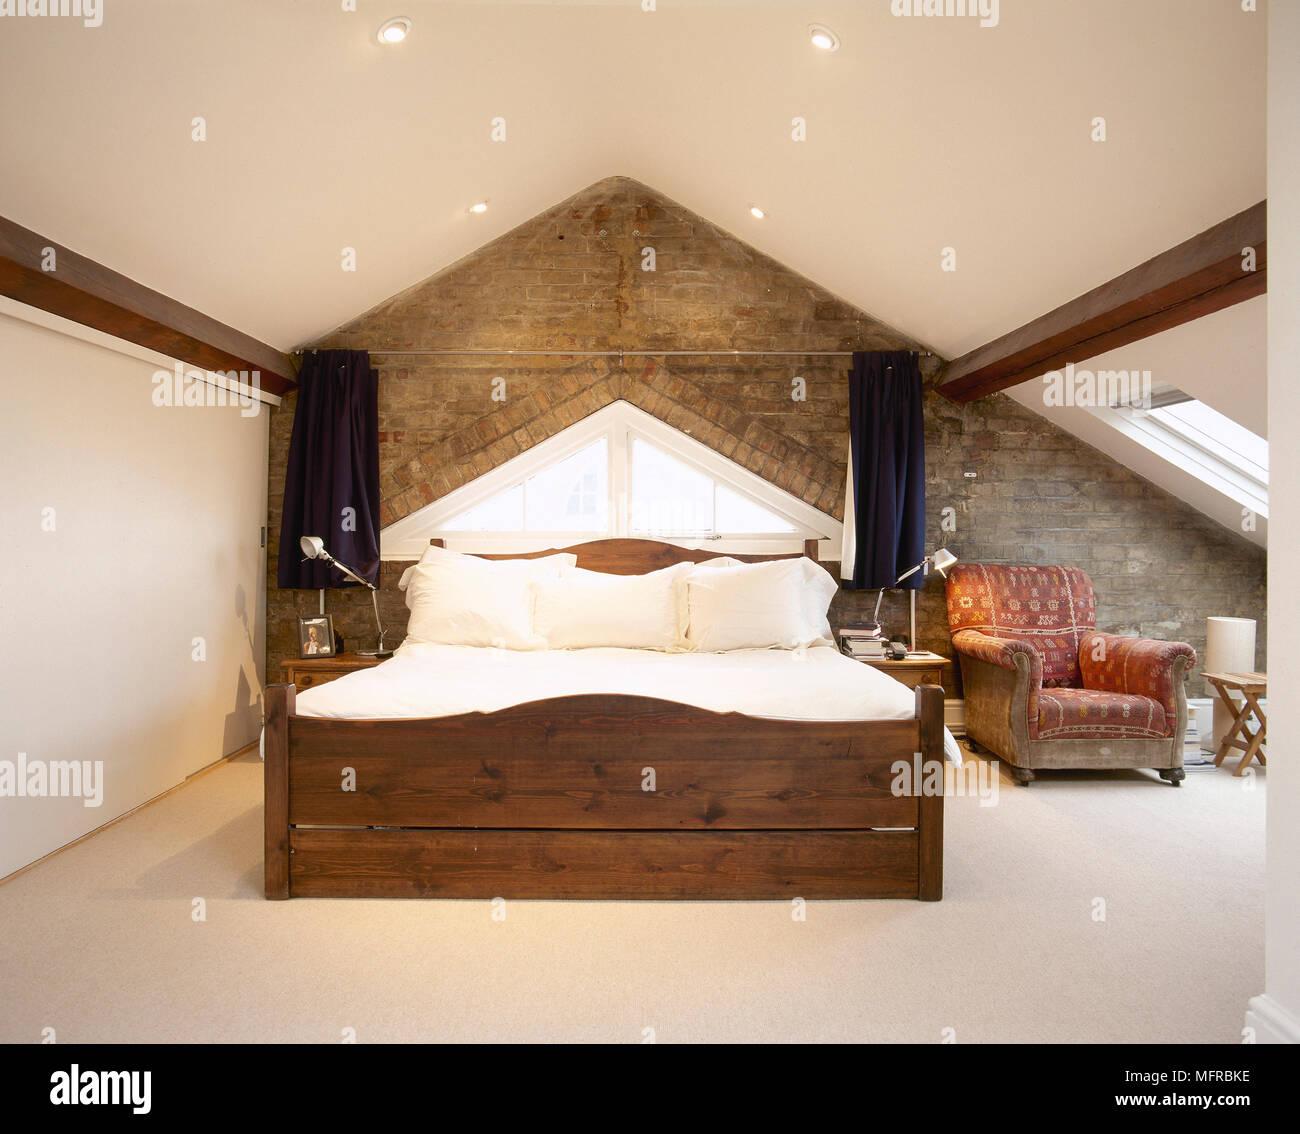 Gewaltig Schlafzimmer Dachschräge Das Beste Von In Umgebauten Loft Mit Freigelegten Mauersteine Und